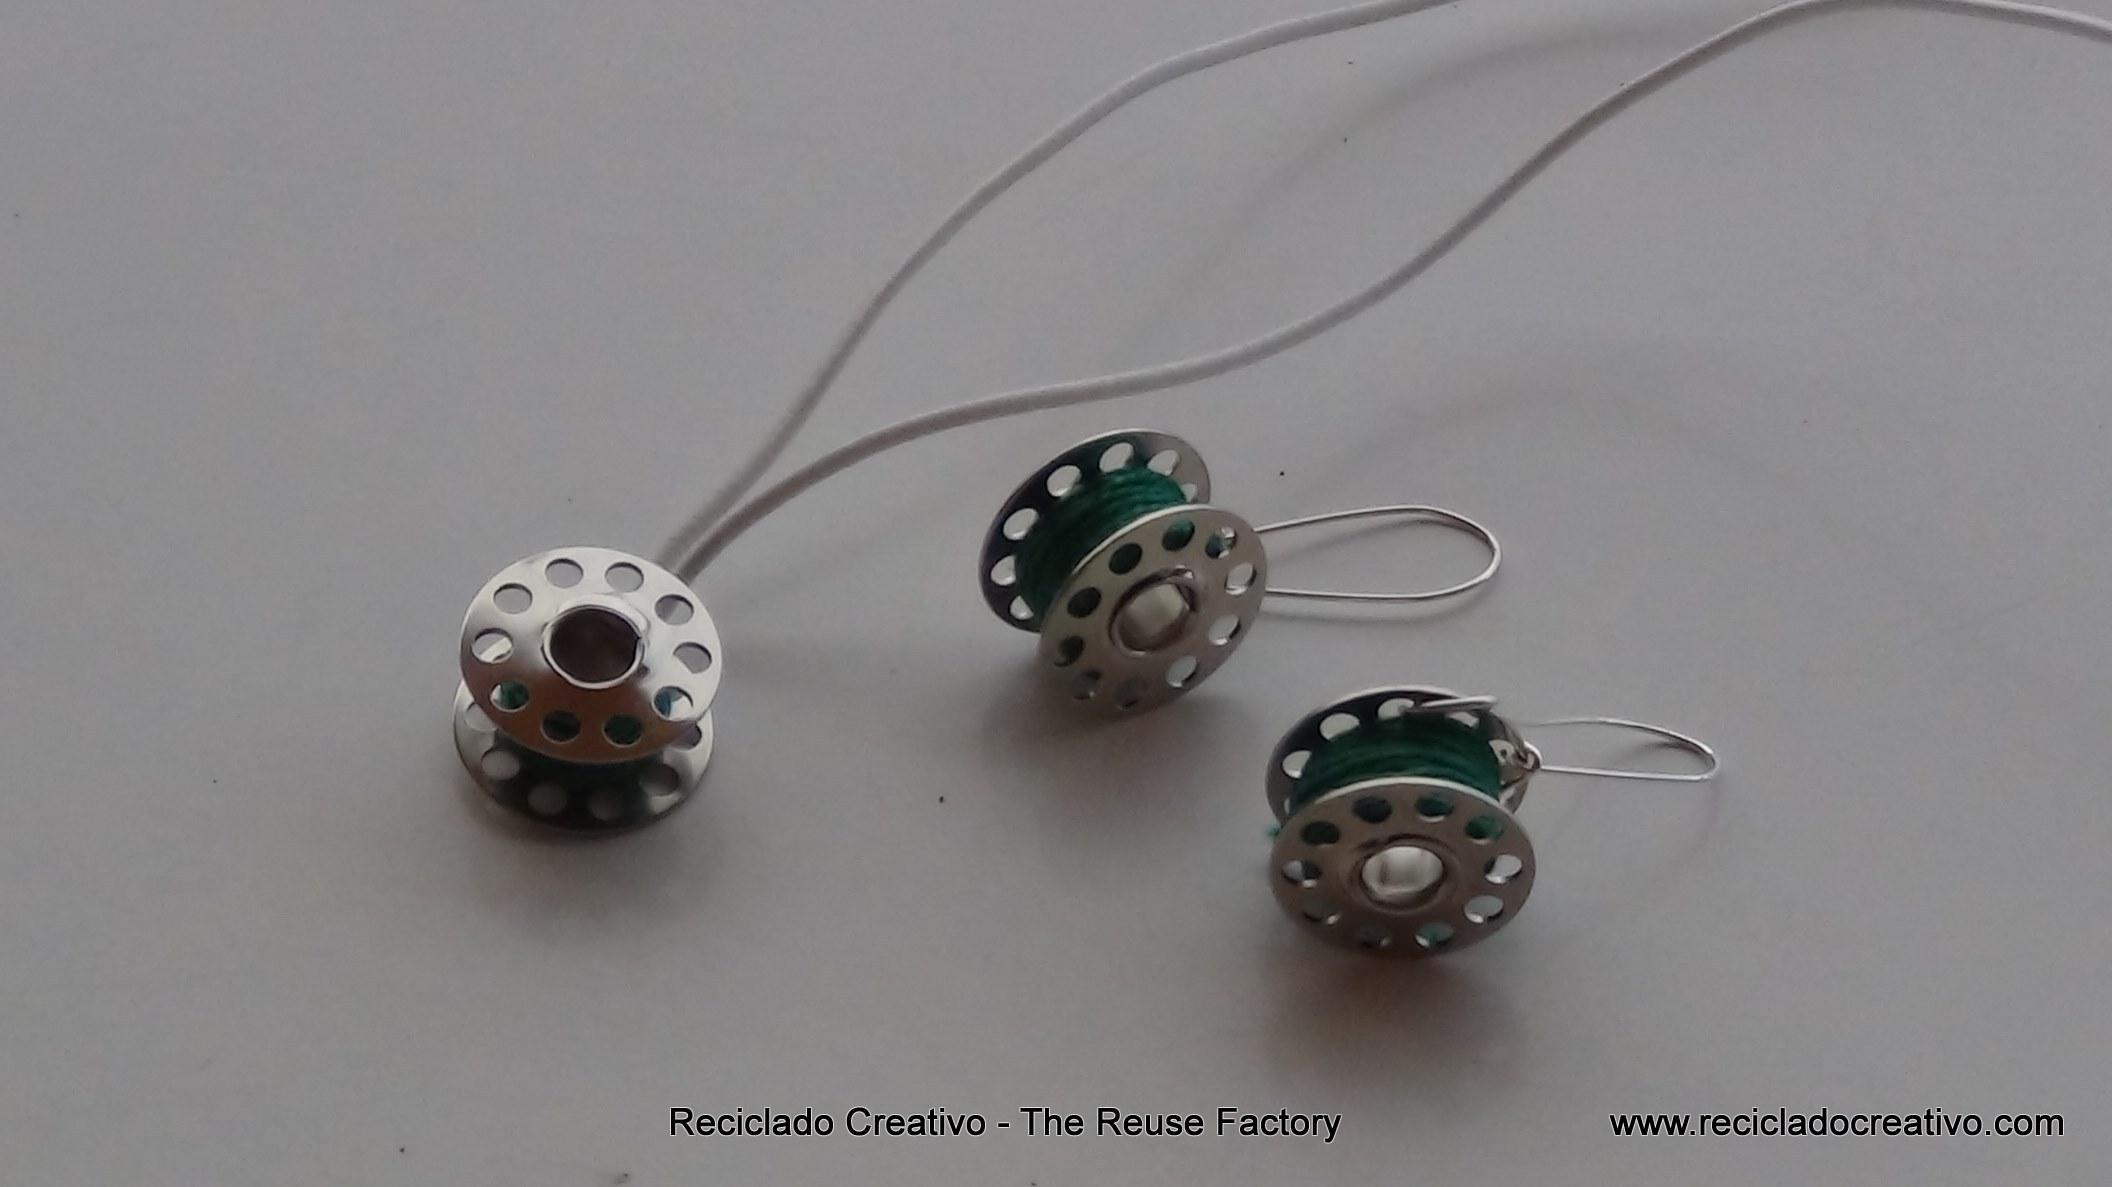 Colgante para collar y pendientes realizados reutilizando carretes de hilo de máquina de coser. - How to make earings and necklace with sewing machine bobbins